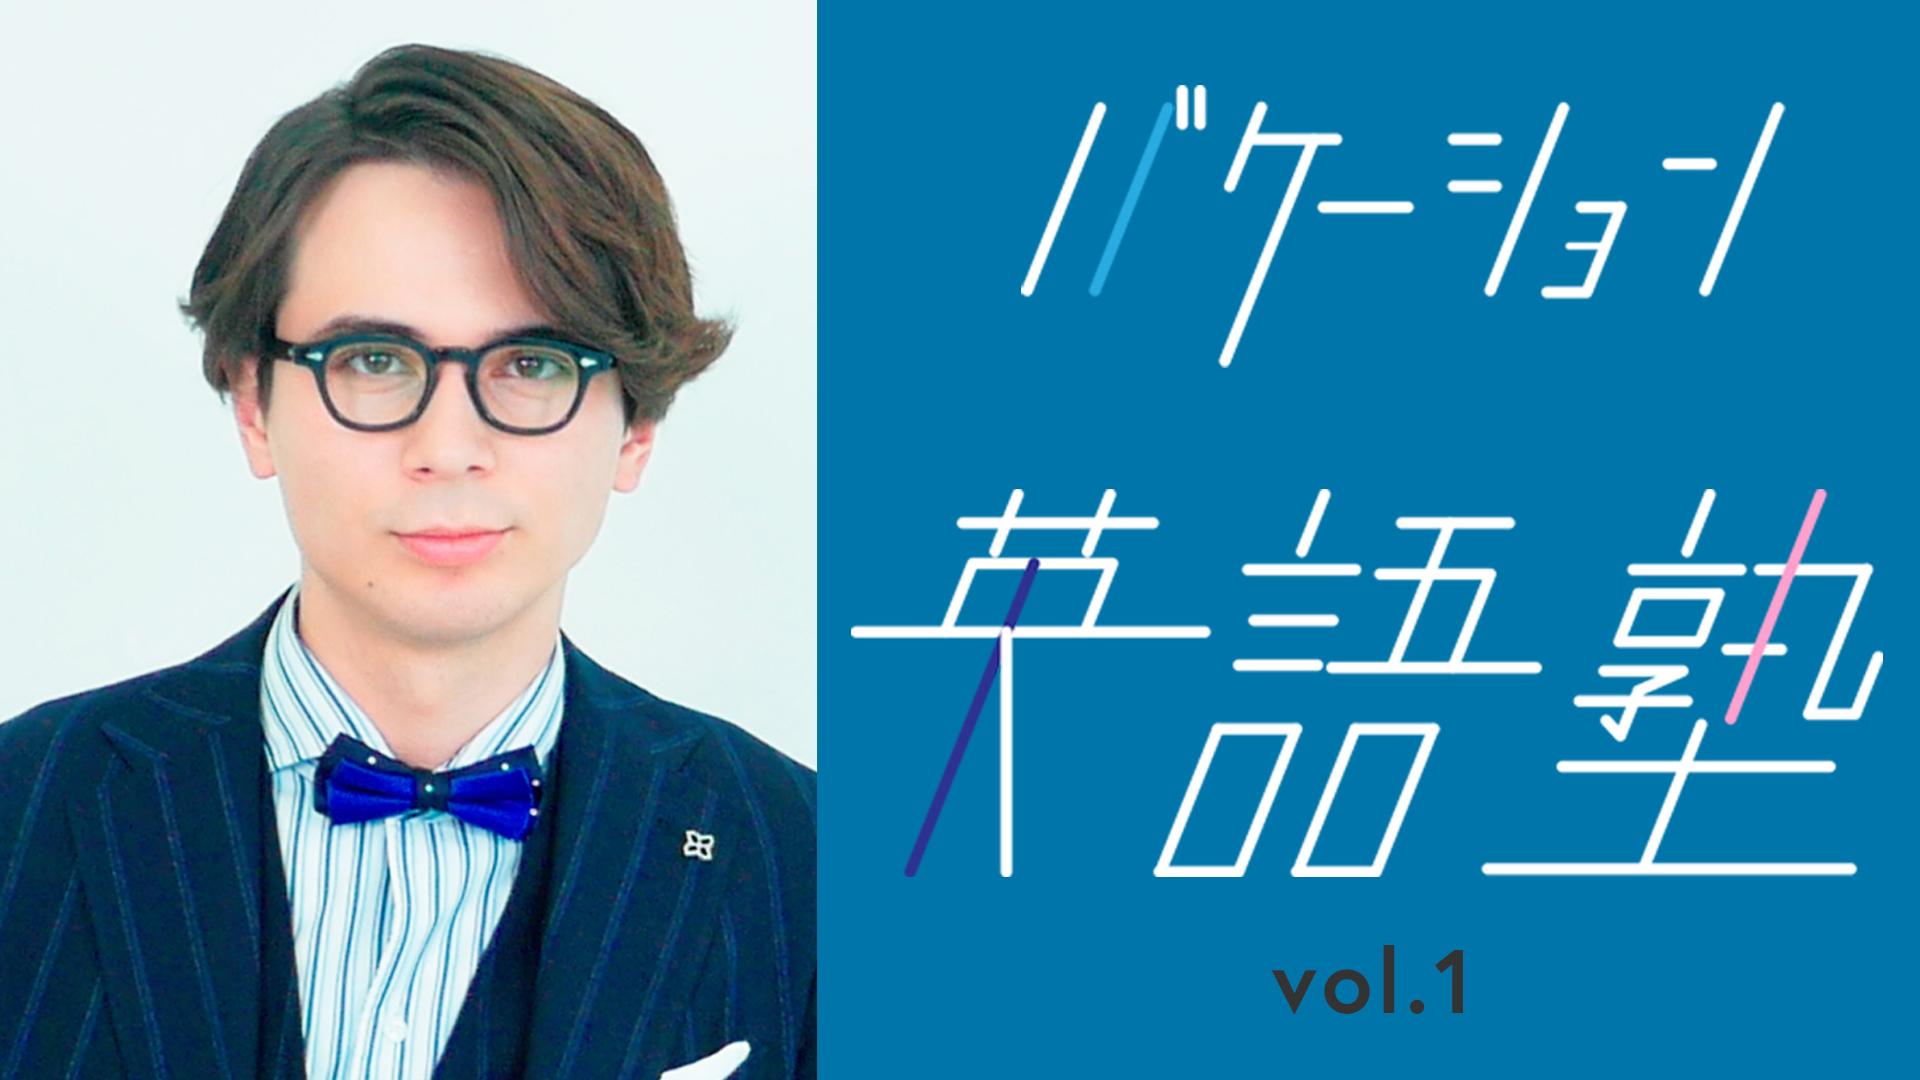 たった5つ!バケーションを乗り切る英語塾 vol.1